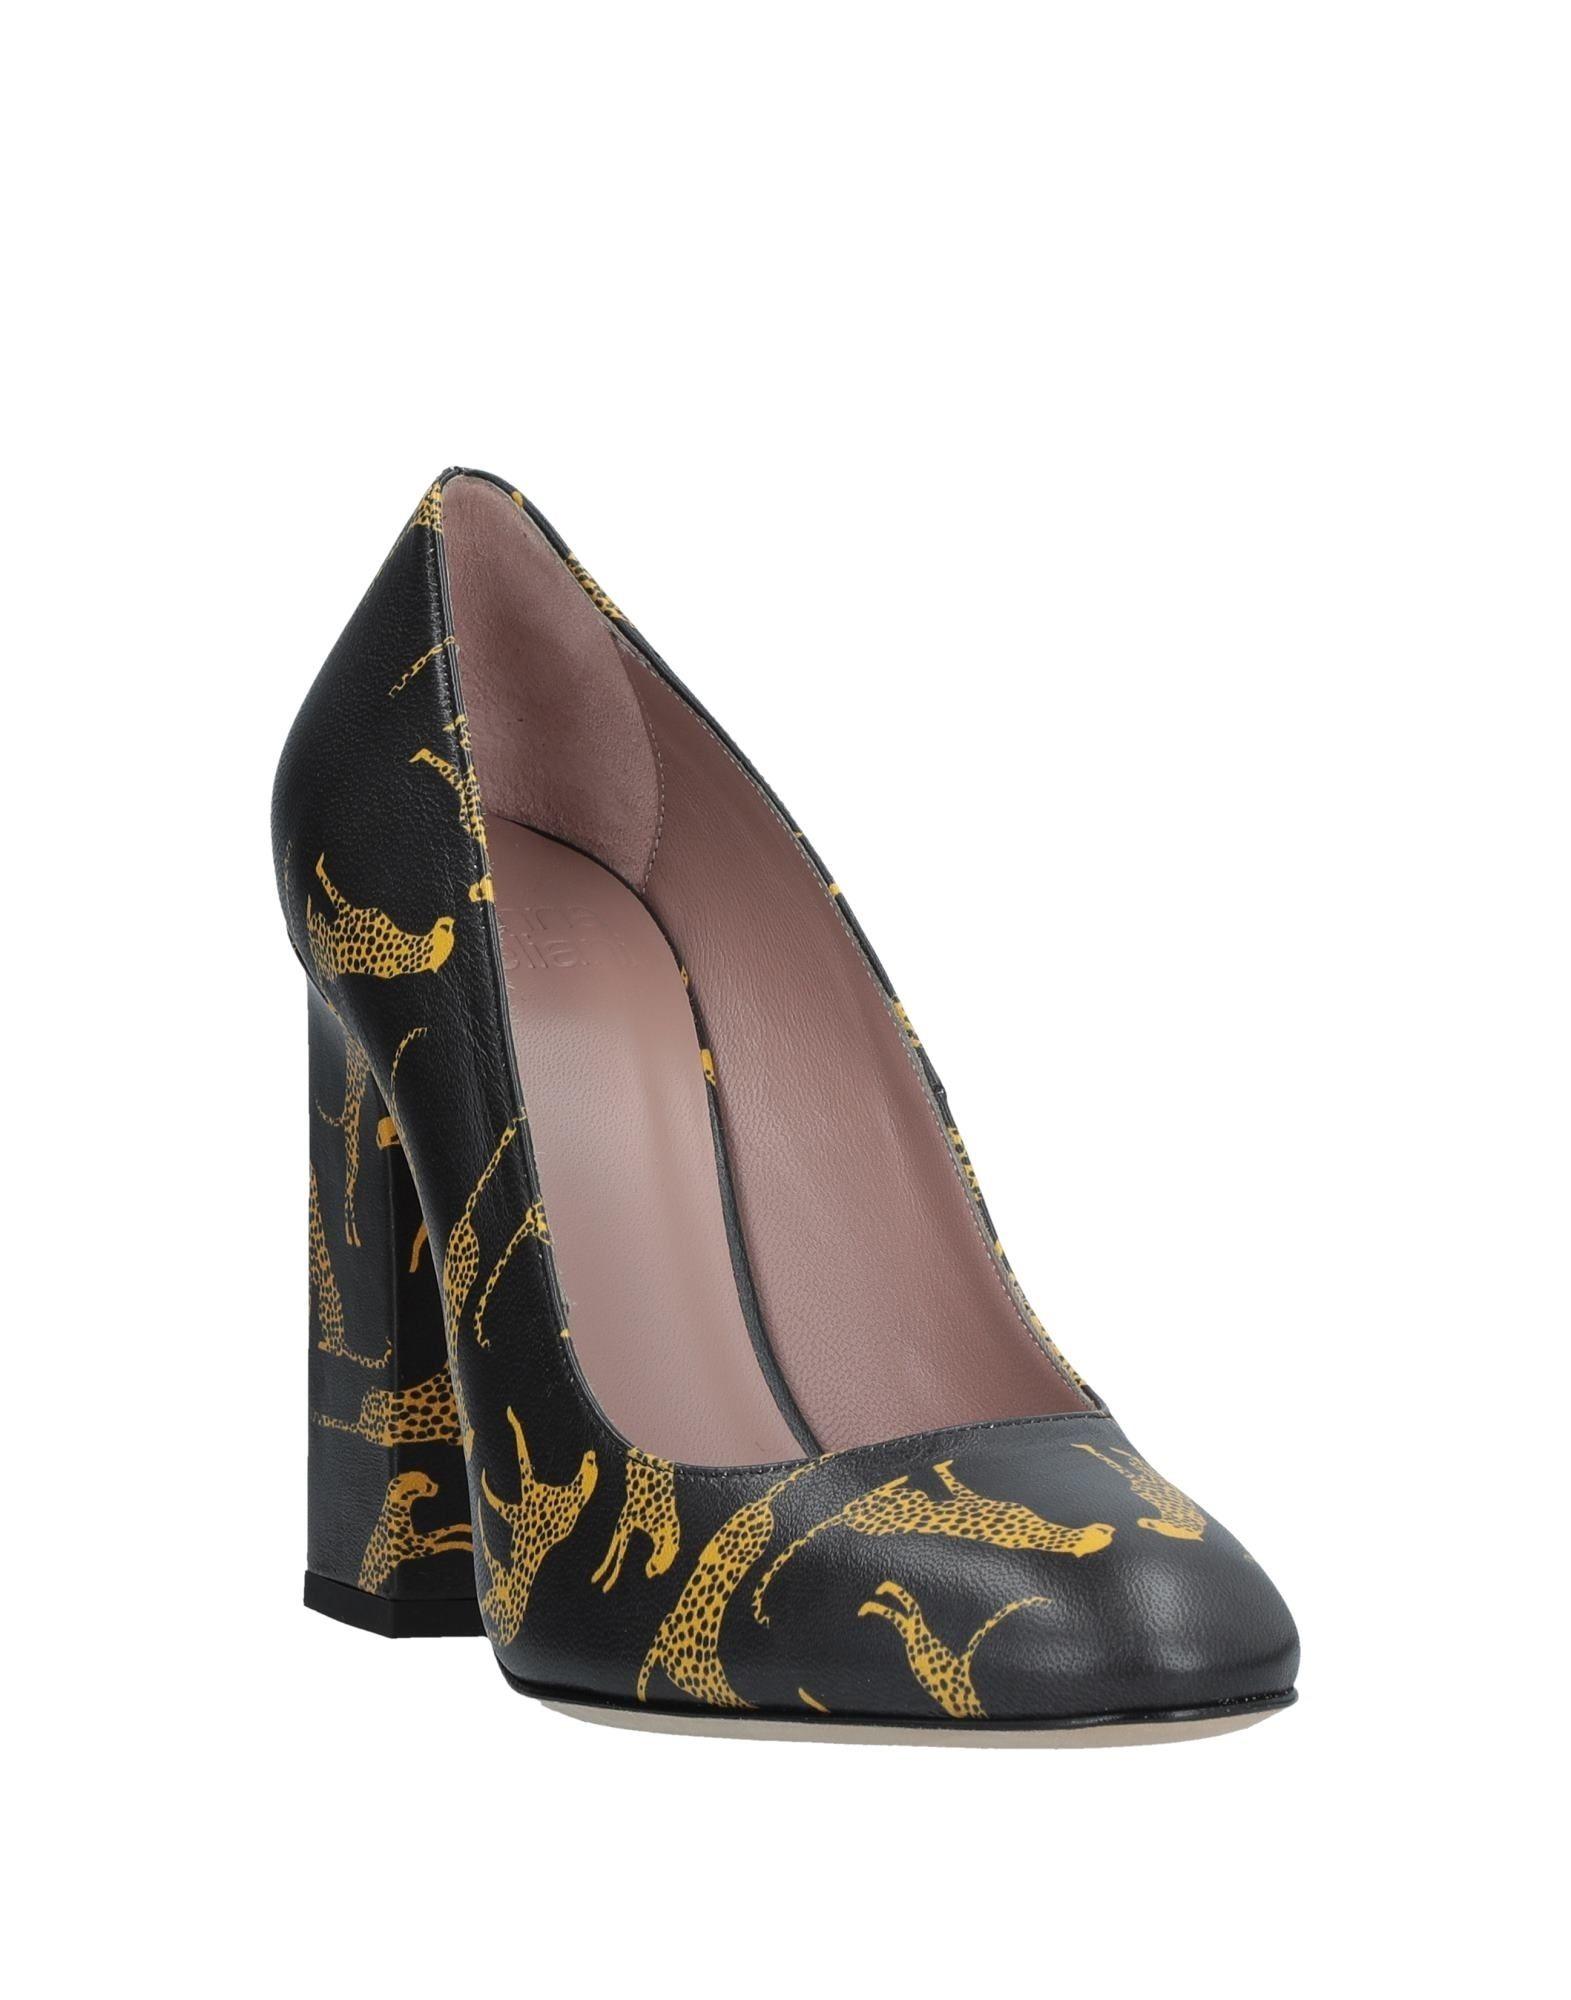 Stilvolle billige Schuhe  Gianna Meliani Pumps Damen  Schuhe 11507113HA 48c14e